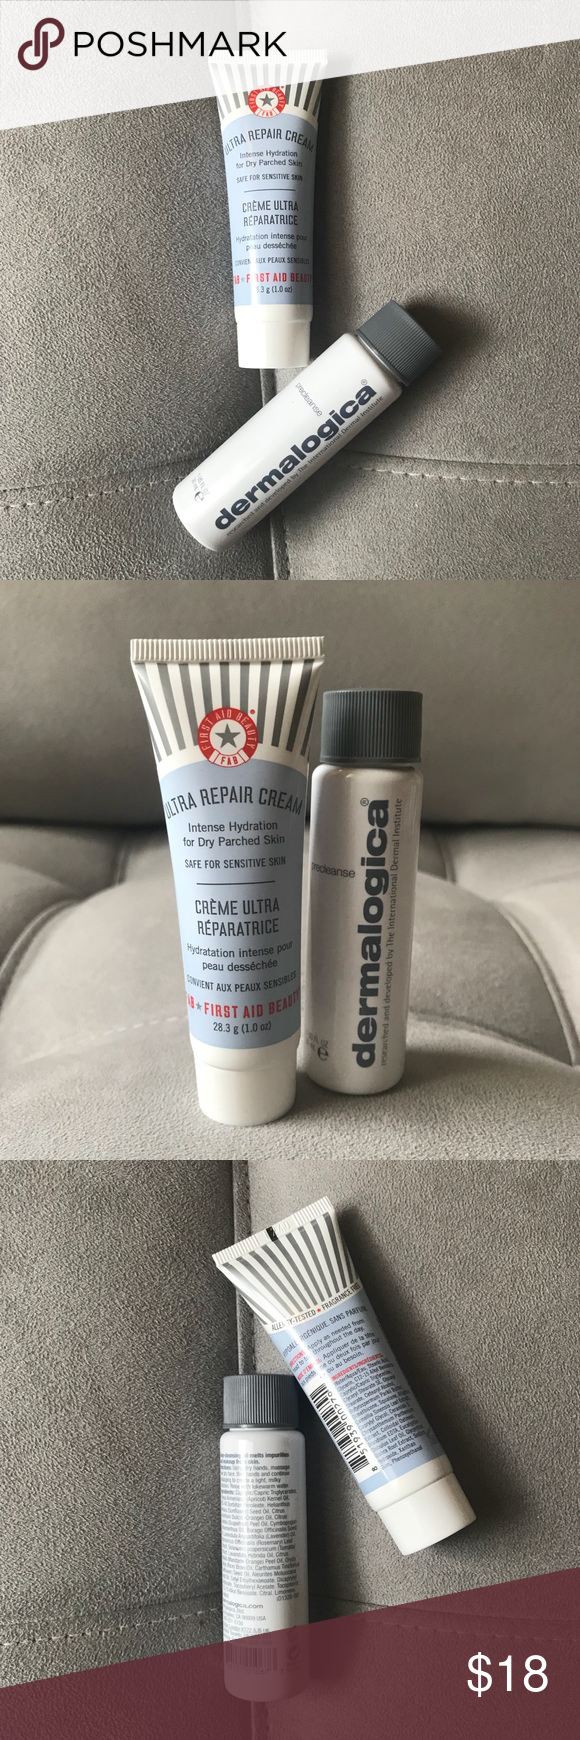 FAB Ultra Repair Cream/Dermalogica Makeup Remover